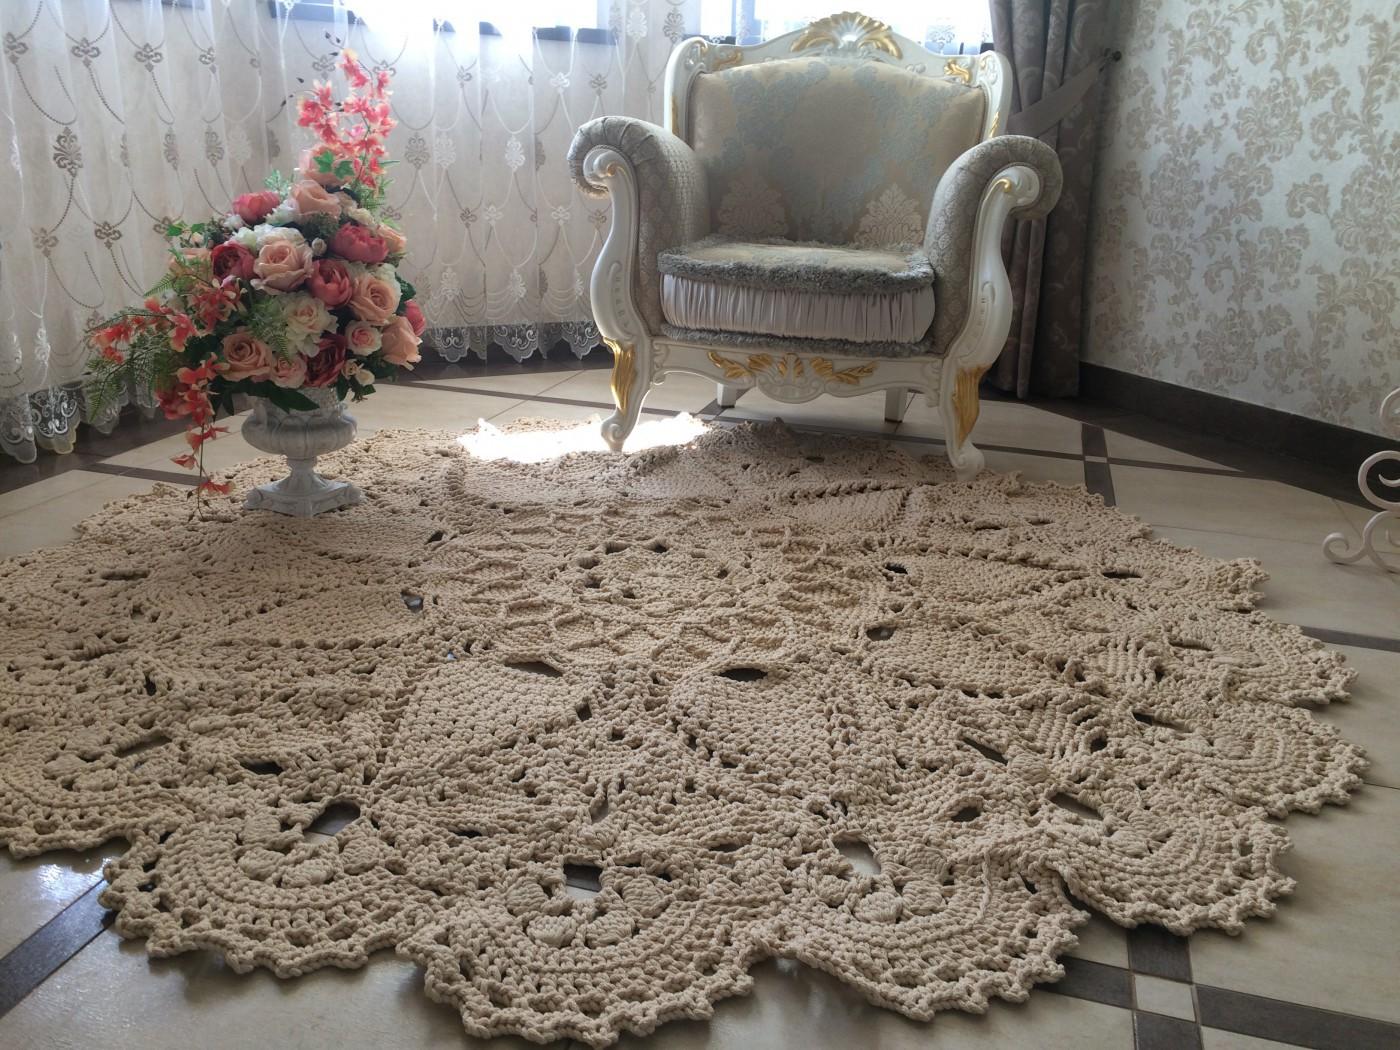 Оригинальный декор в виде вязаного ковра